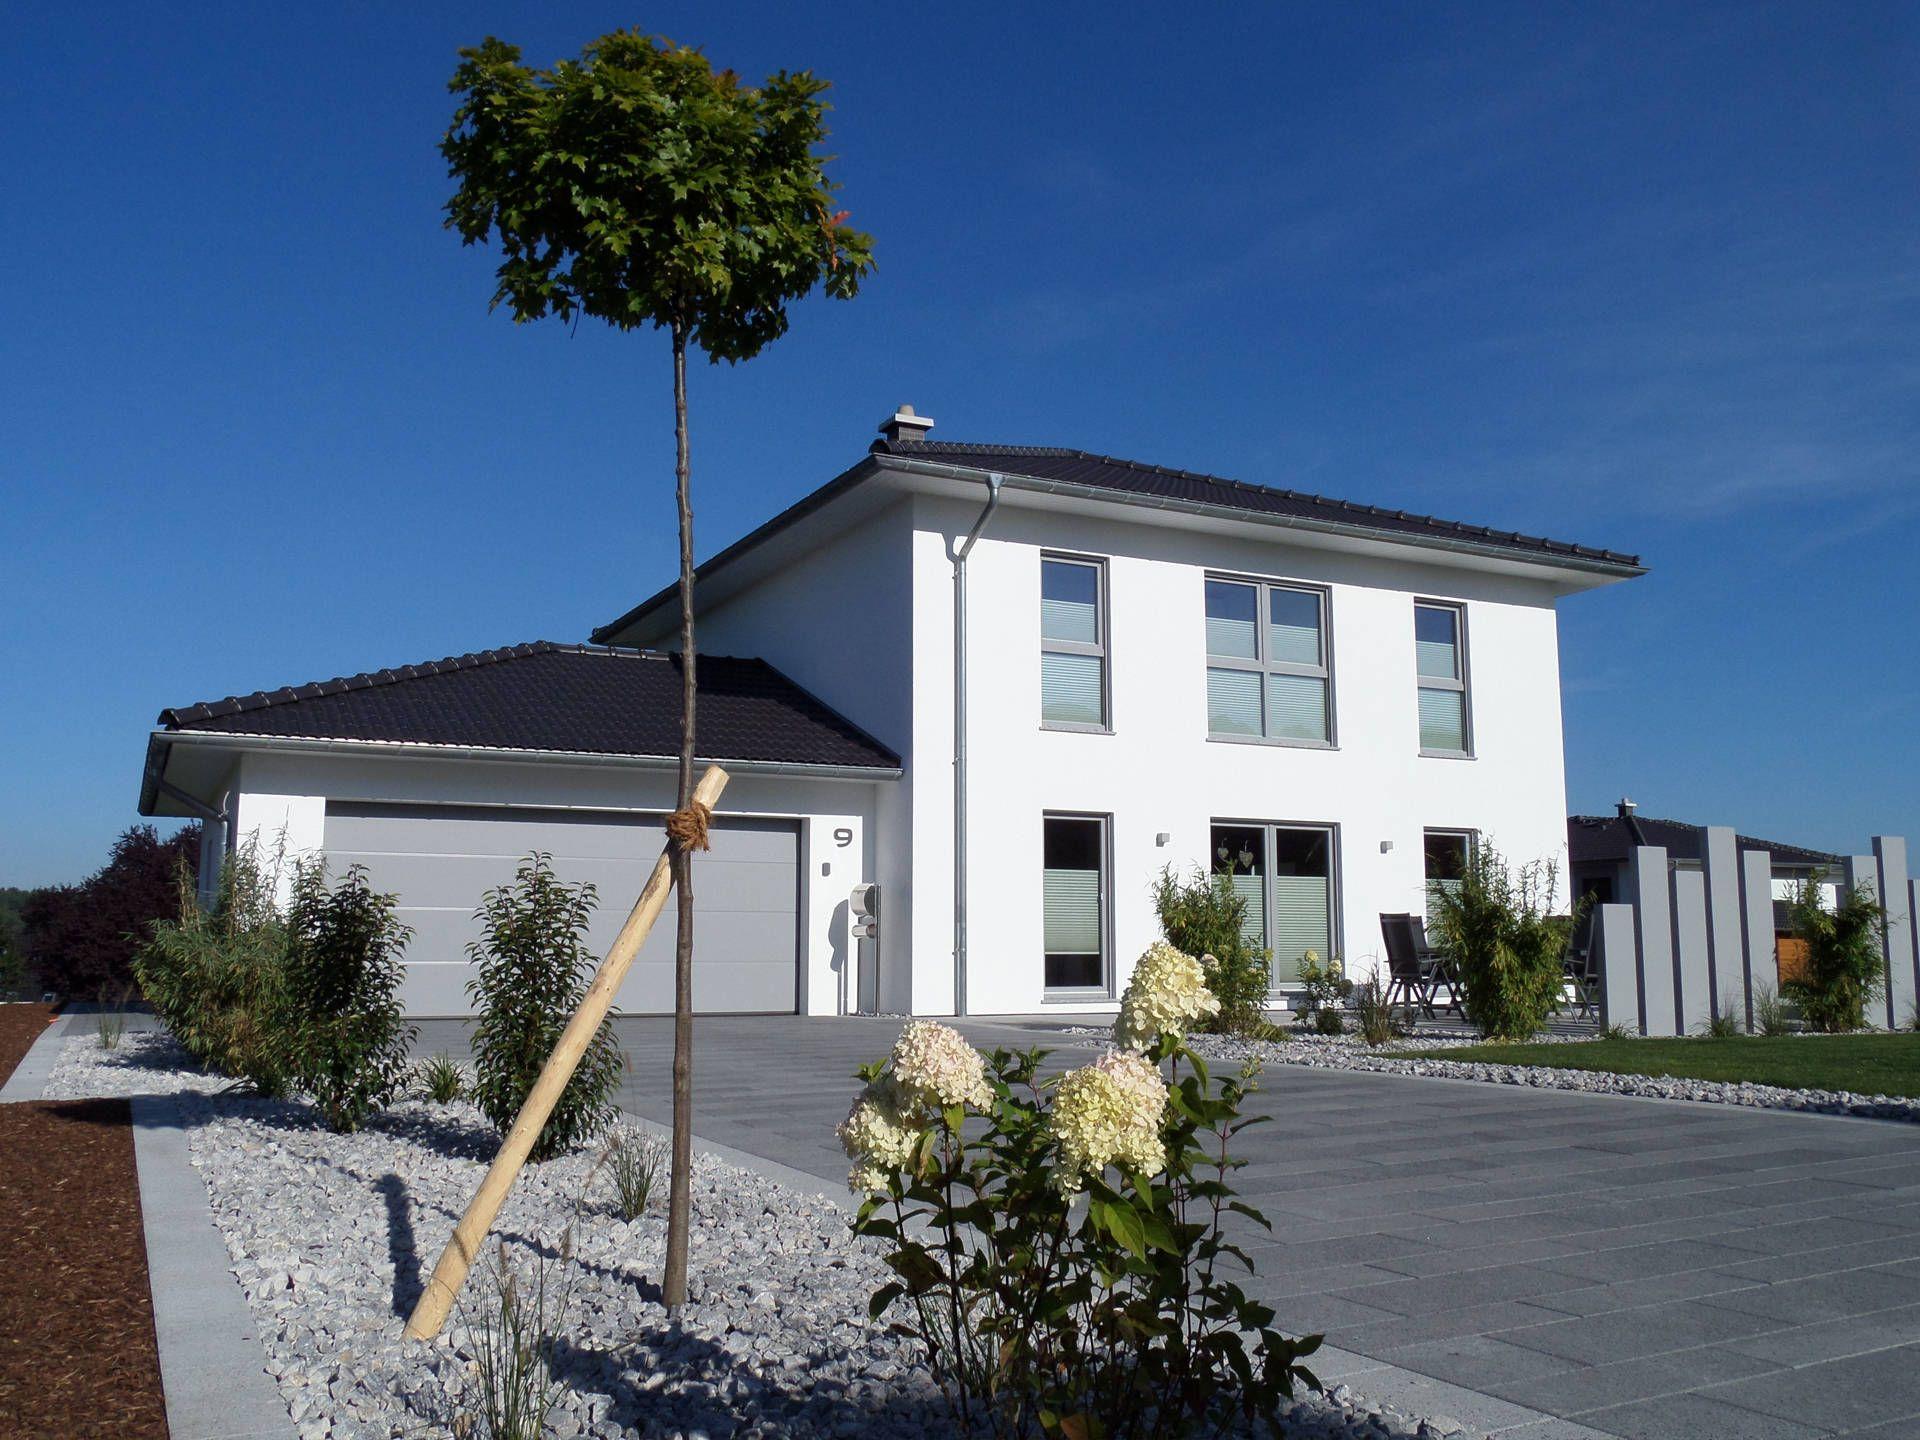 Stadtvilla Medio Fingerhut Haus Fingerhut haus